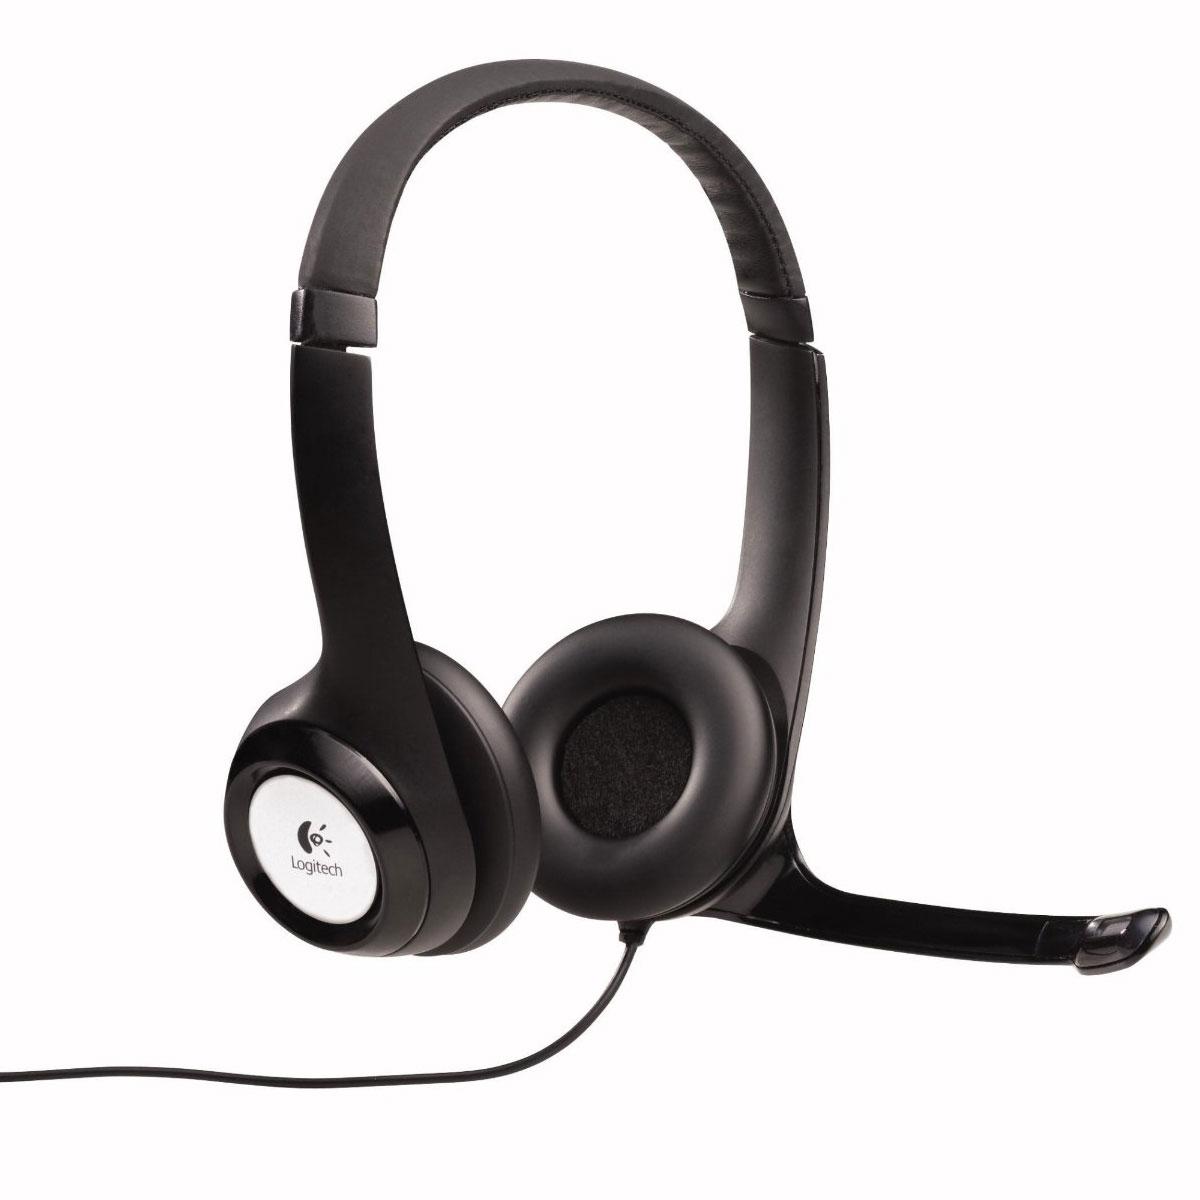 logitech usb headset h390 micro casque logitech sur ldlc. Black Bedroom Furniture Sets. Home Design Ideas